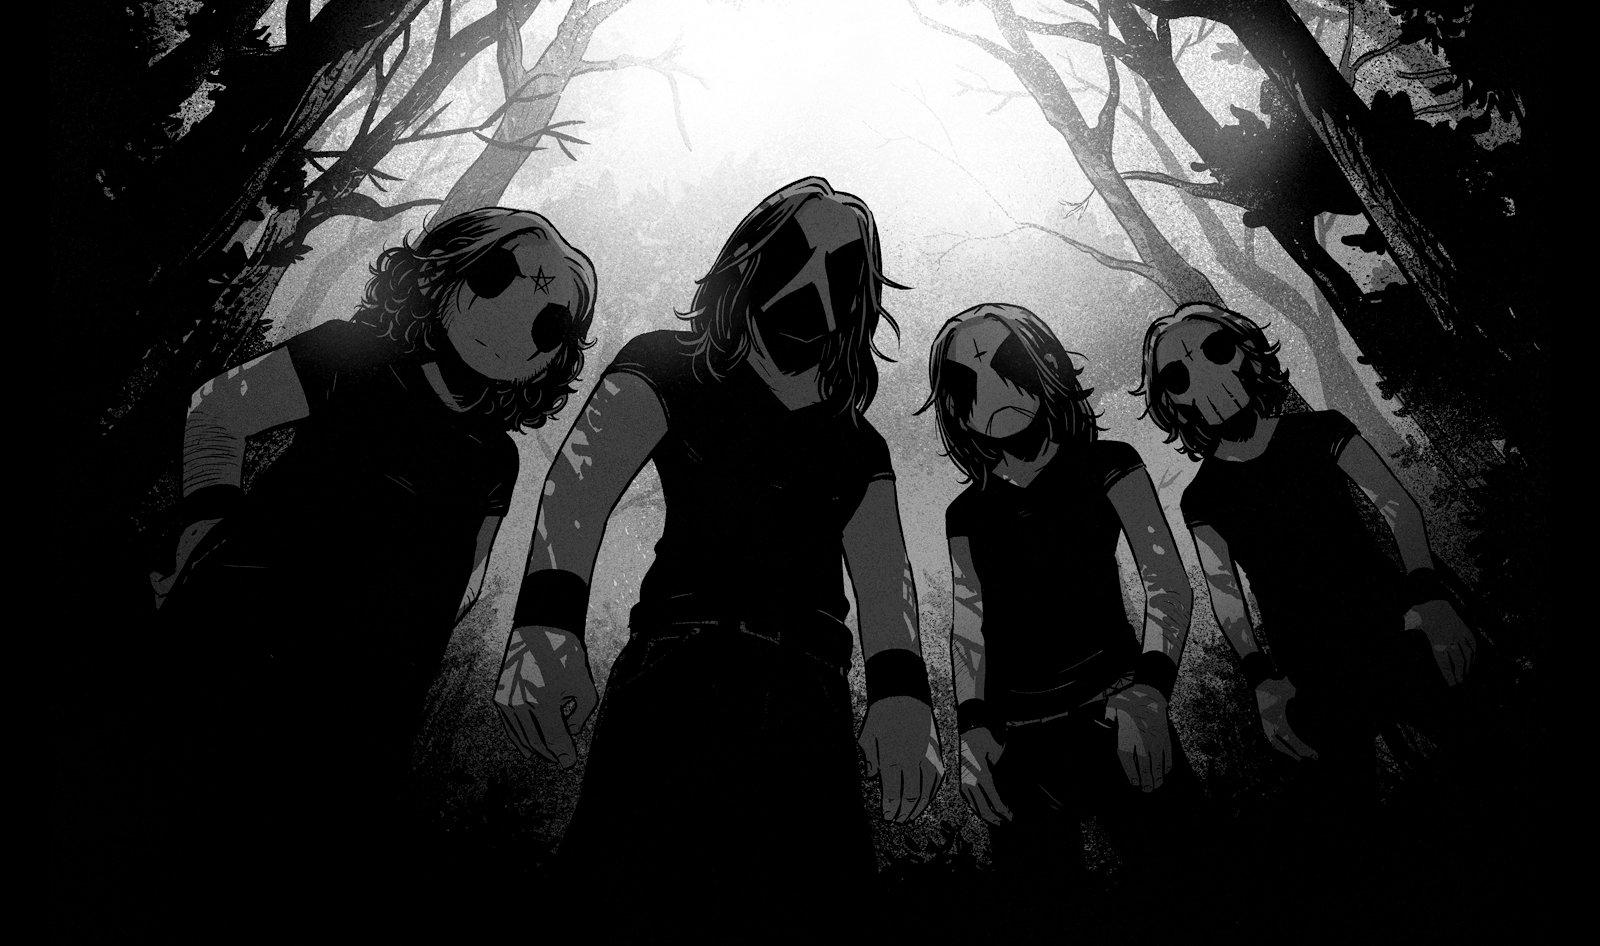 虛擬黑金屬樂團 Belzebubs 發布新曲影音 Cathedrals Of Mourning